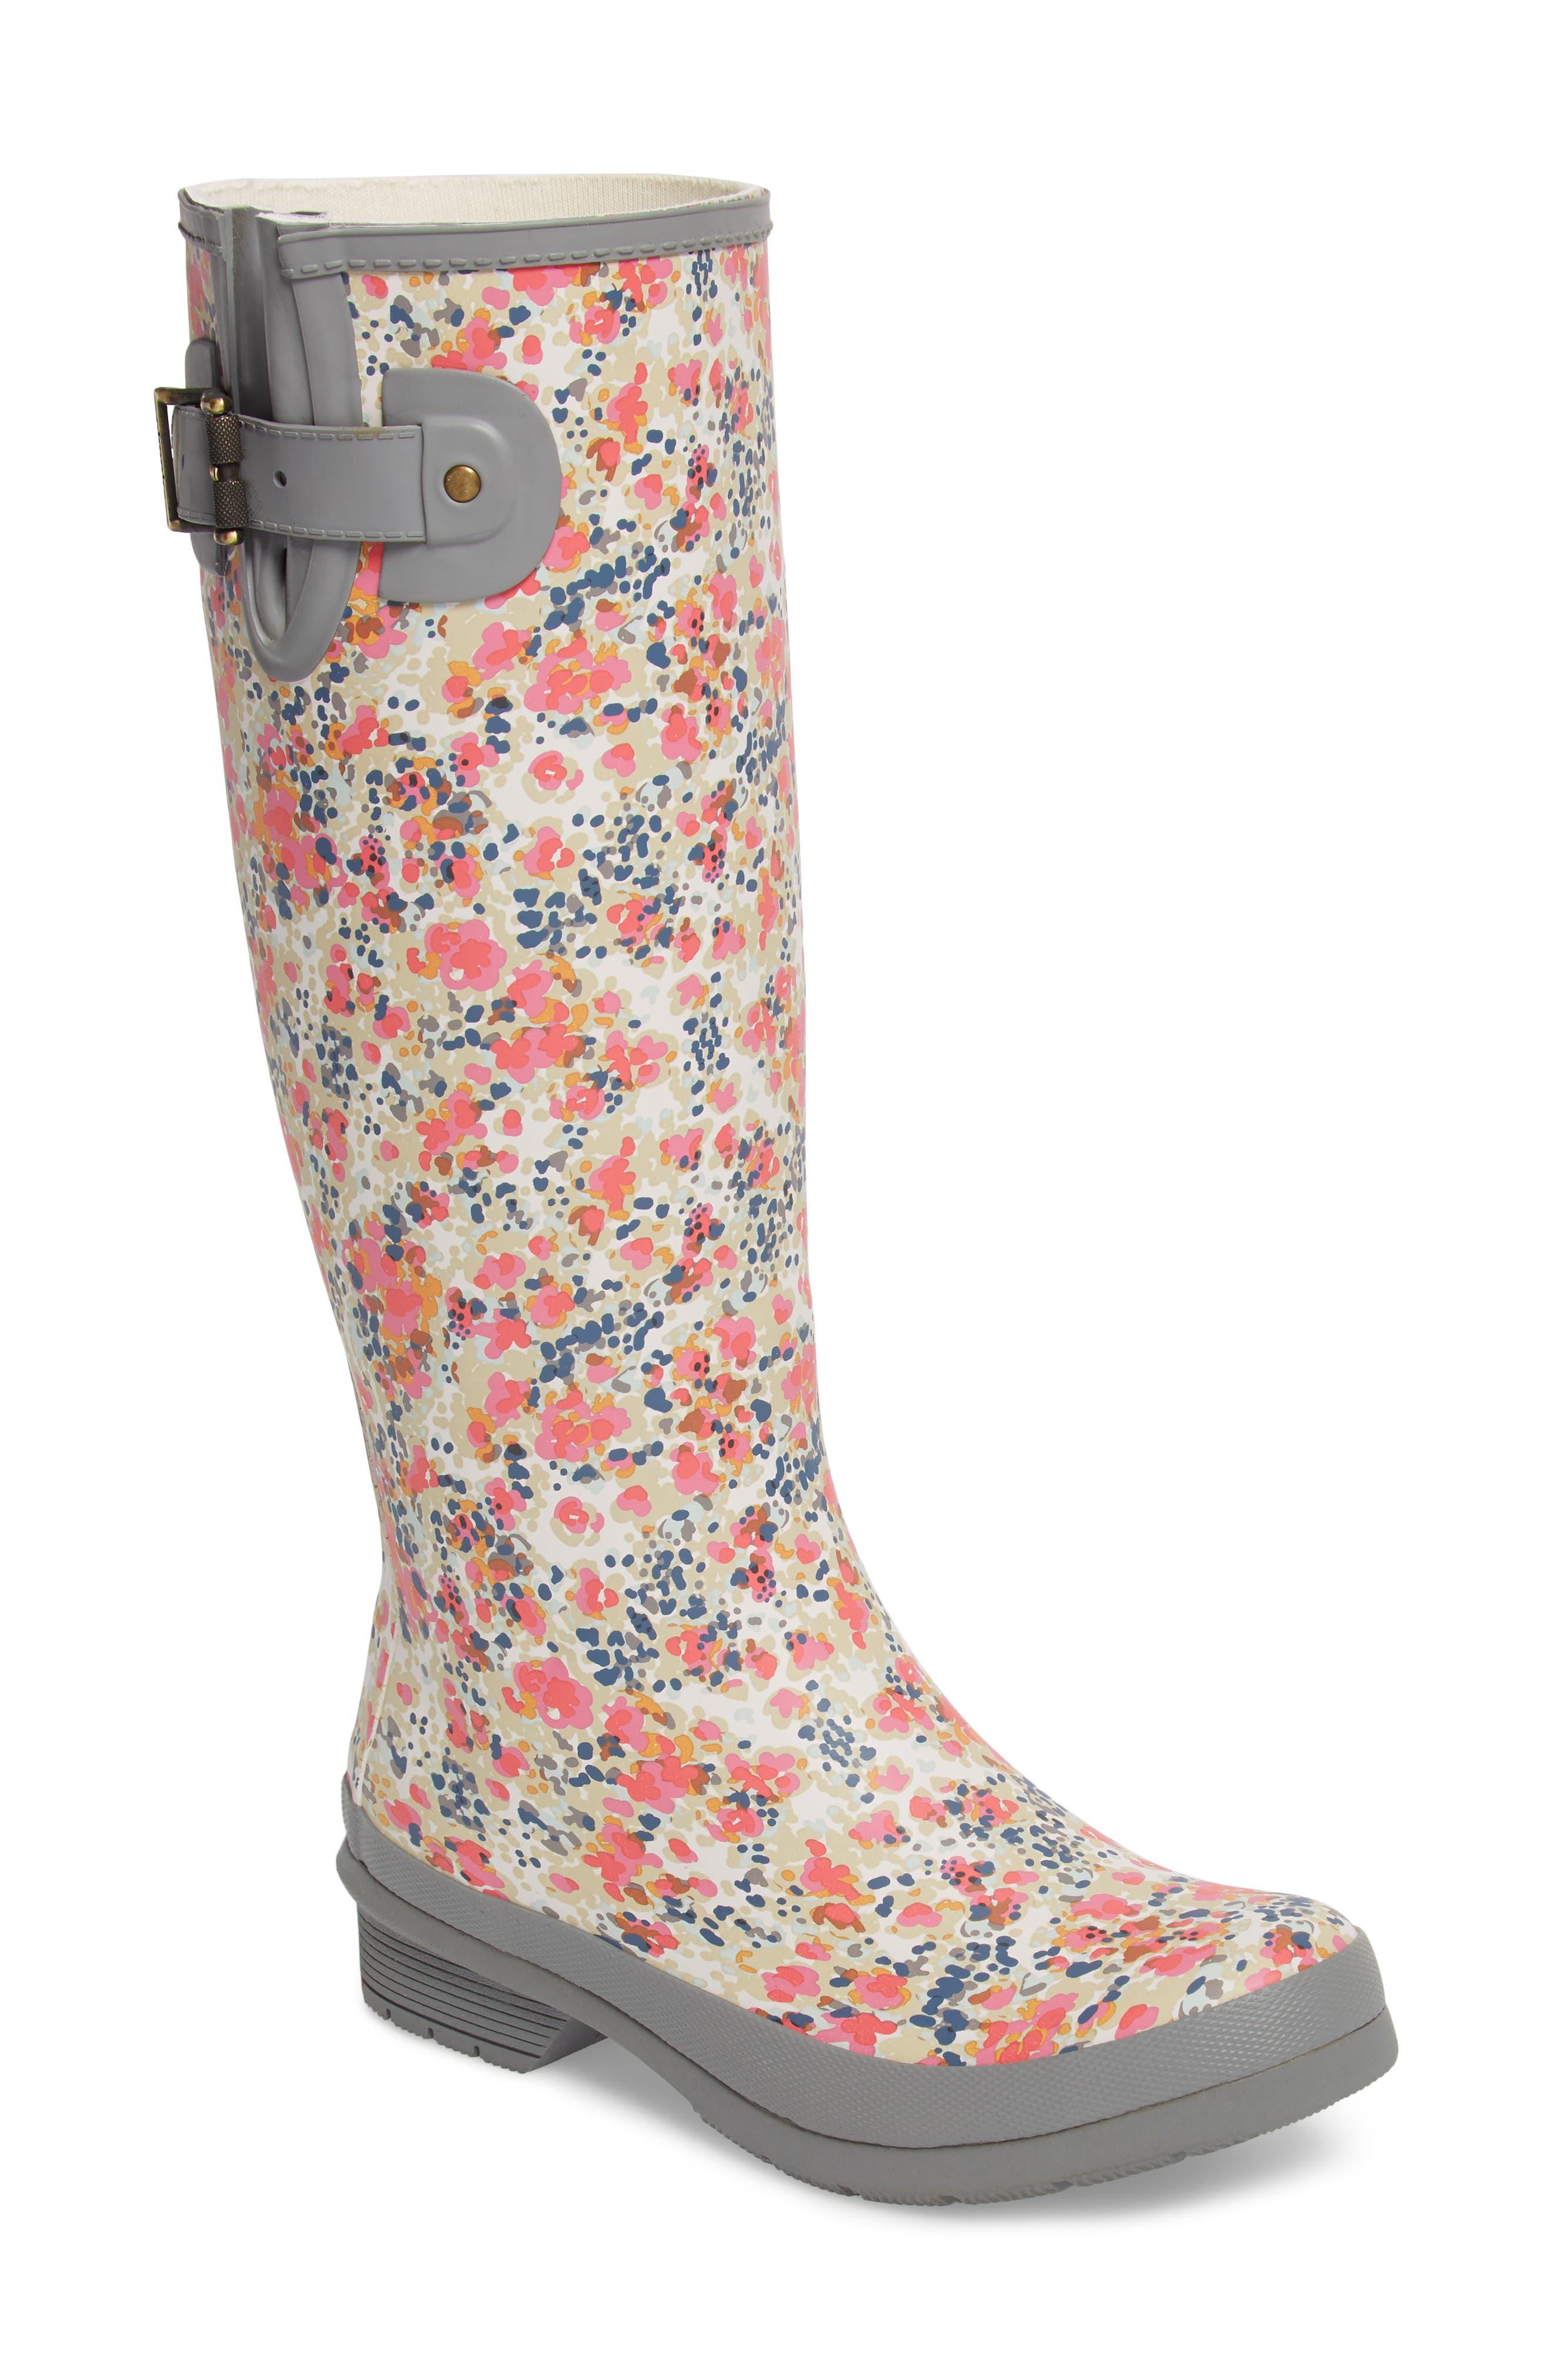 Julia Floral Waterproof Rain Boot,                         Main,                         color, GRAY